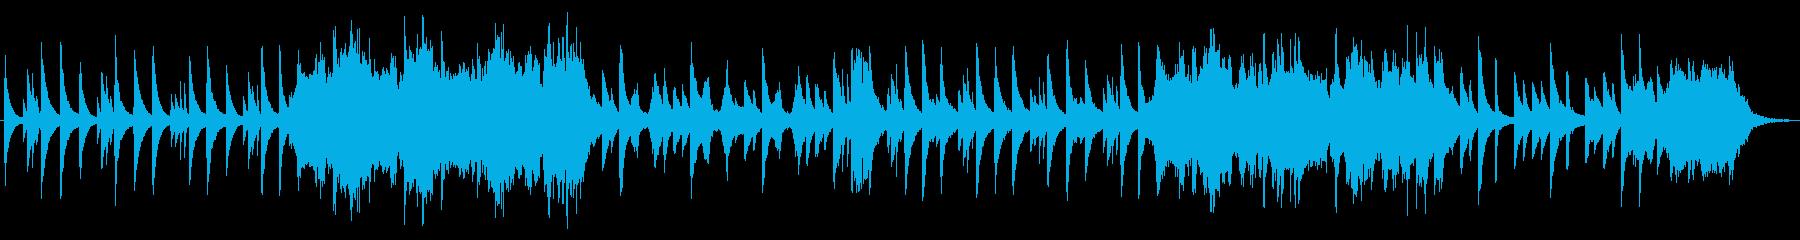 しんみりと寂しげなピアノ&ストリングスの再生済みの波形